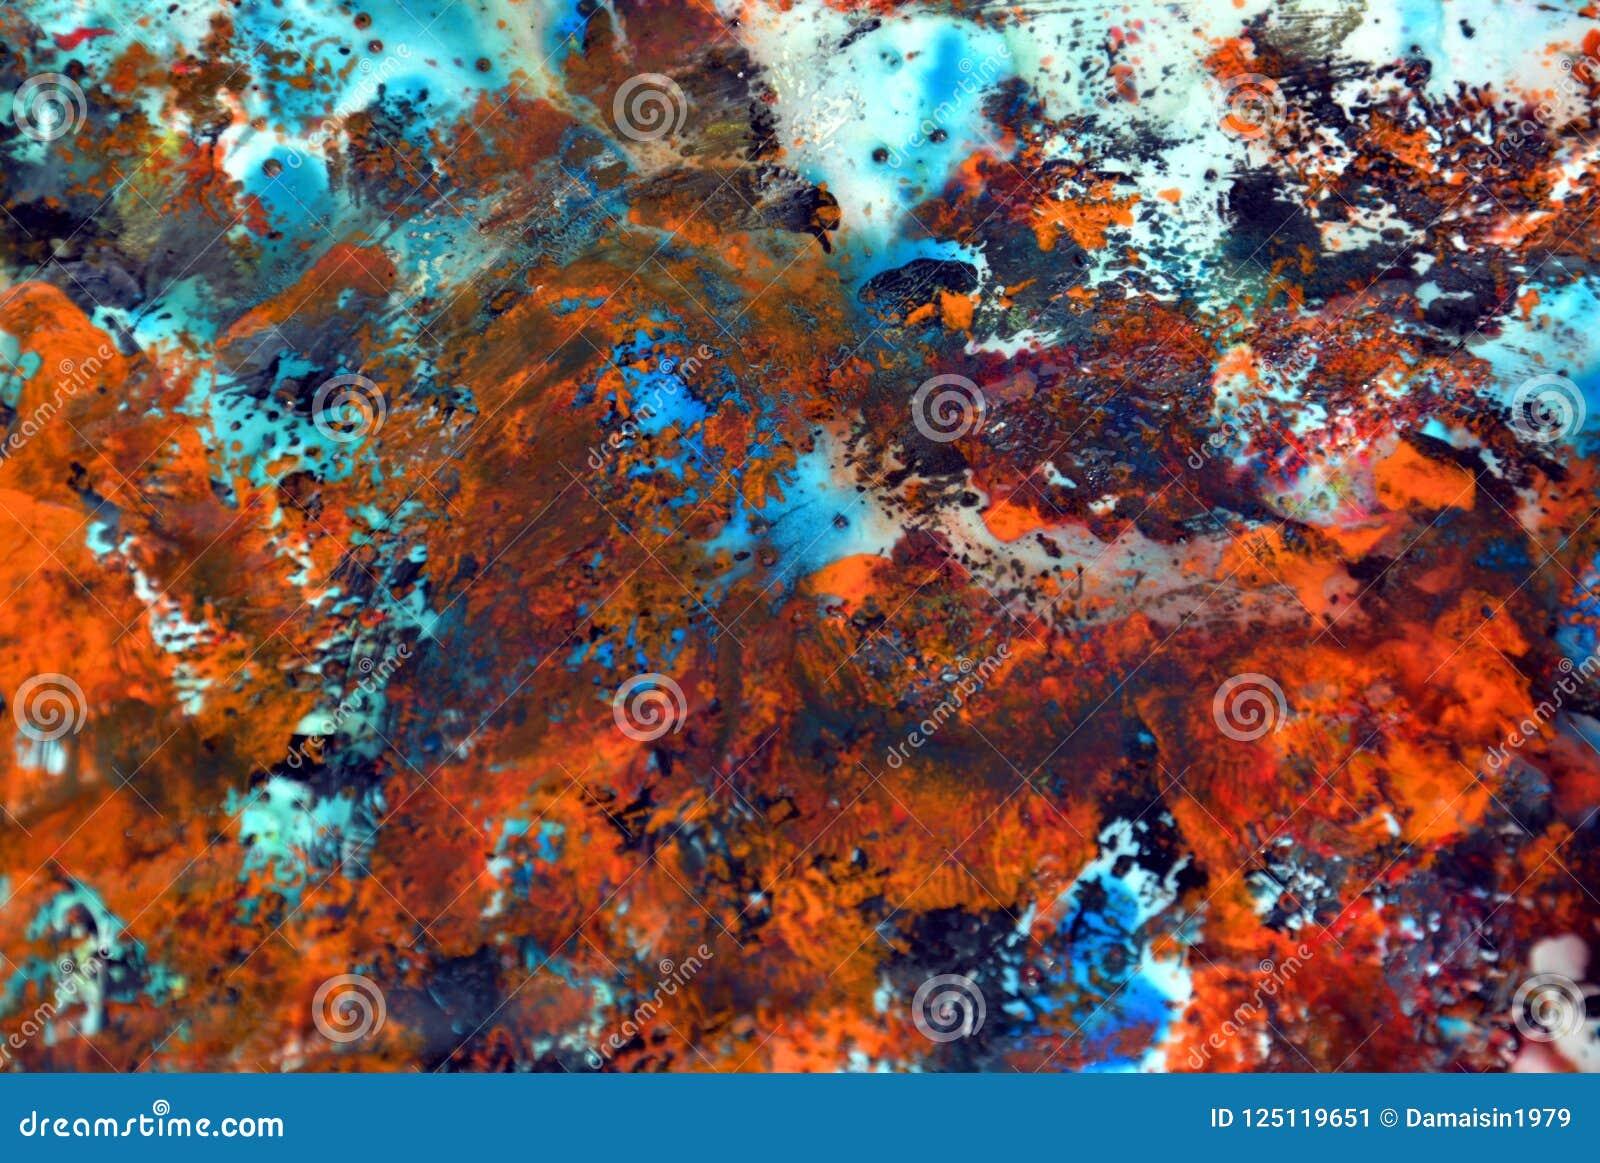 Obscuridade abstrata - fundo azul alaranjado da pintura, fundo de pintura da aquarela, cores abstratas de pintura